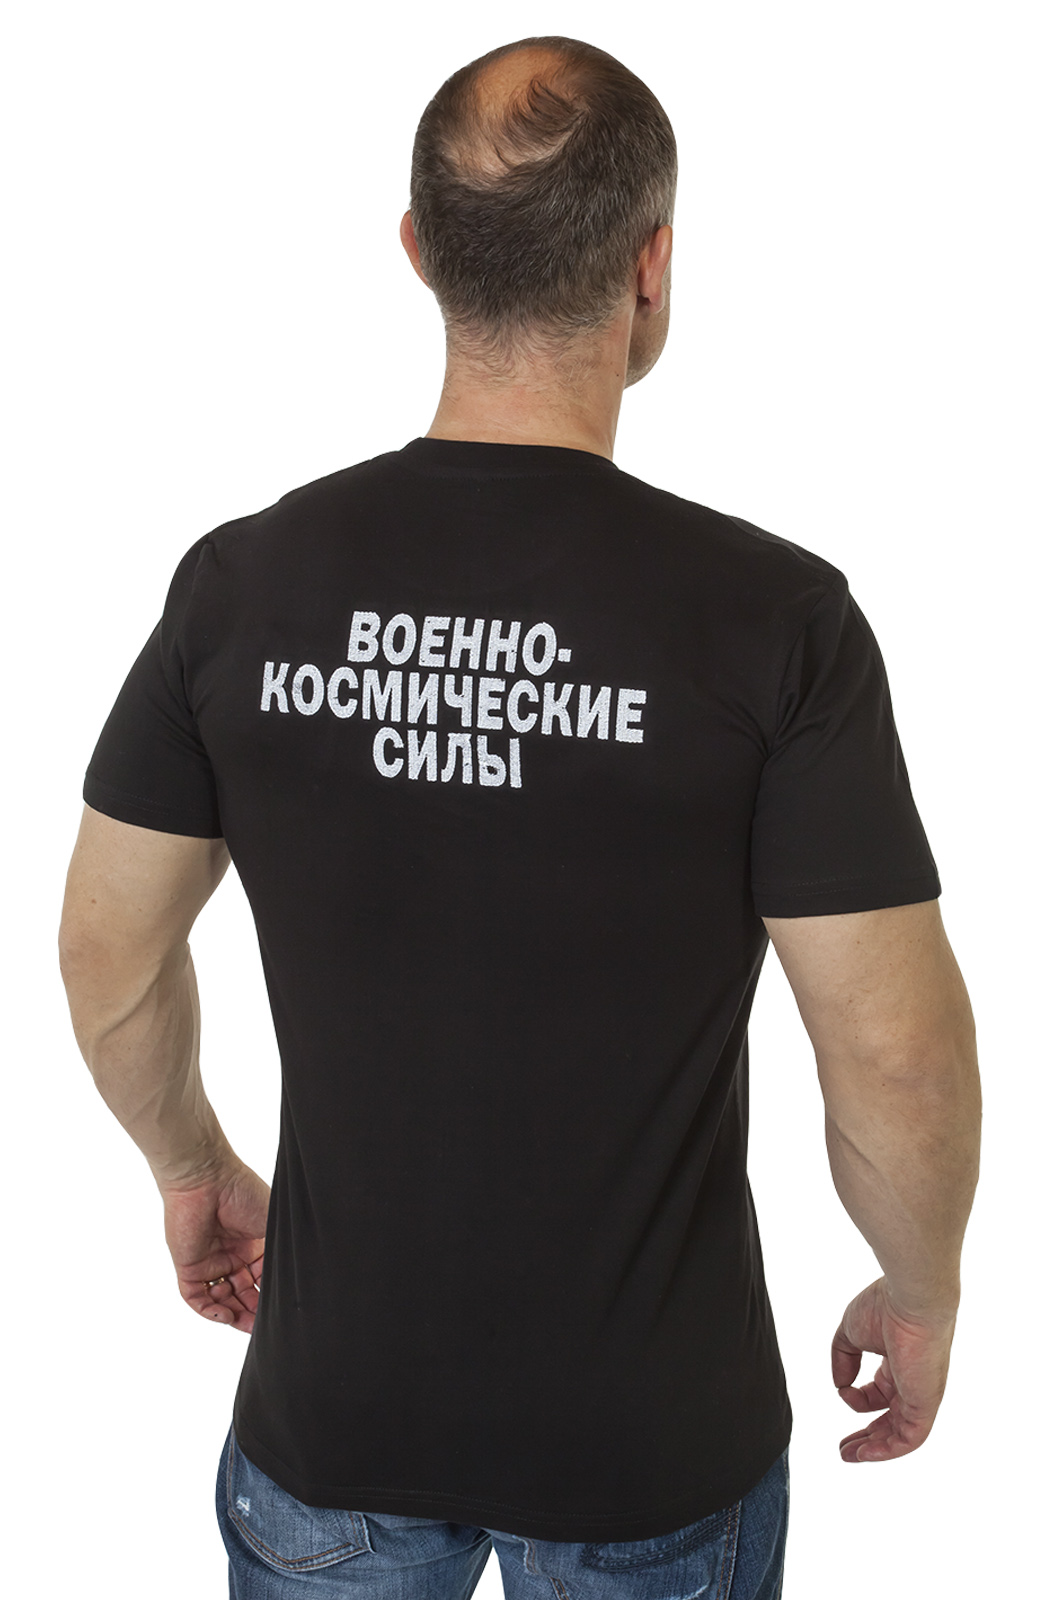 """Футболка с вышивкой """"Военно-космические силы"""" по выгодной цене"""